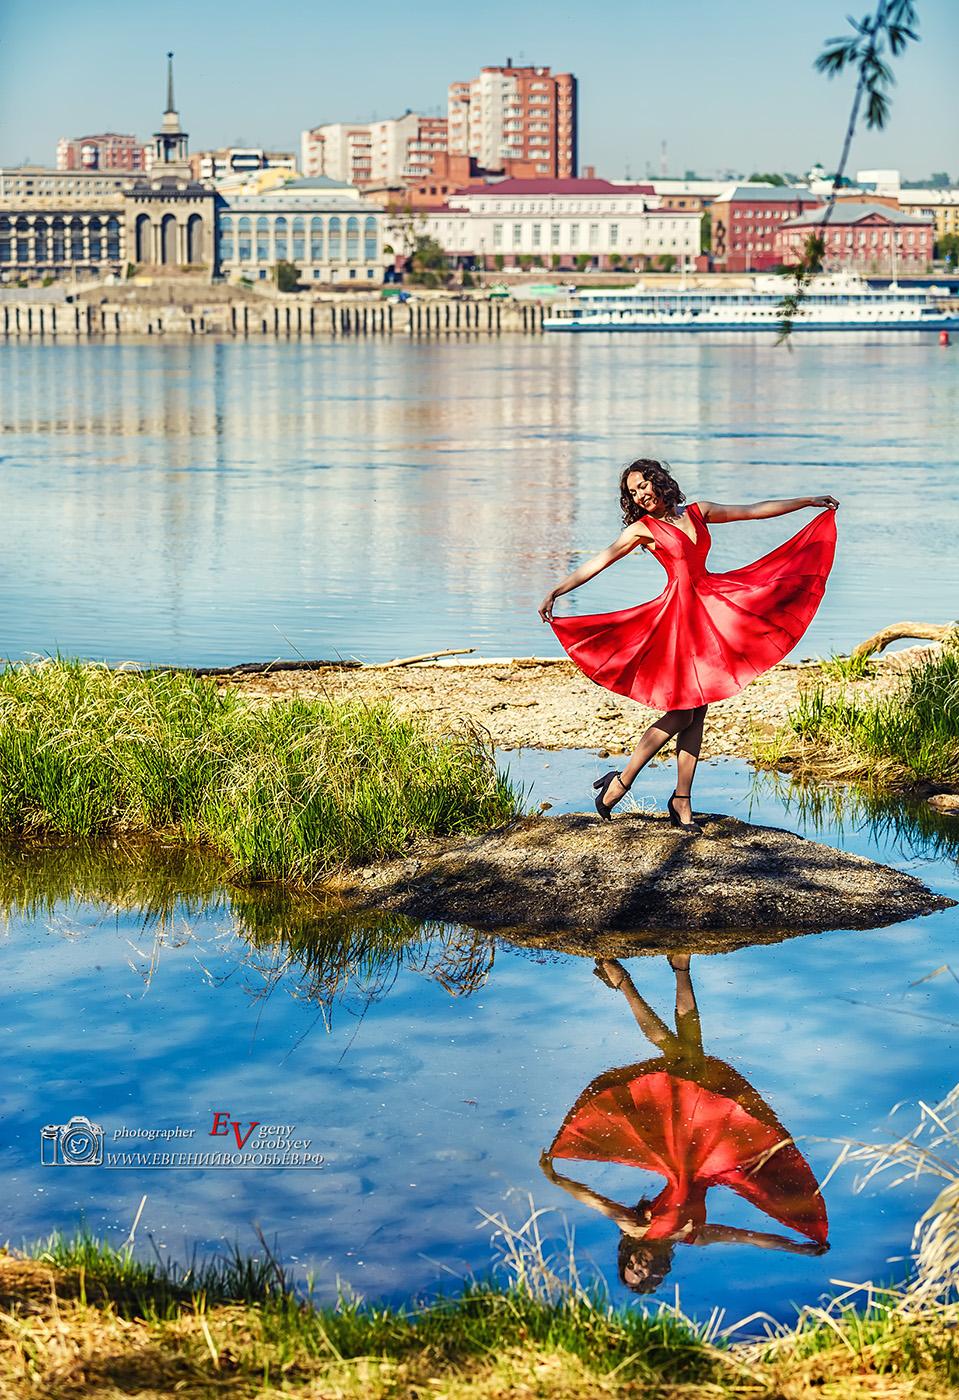 красивая девушка фотограф фотосеесия место Красноярск набережная